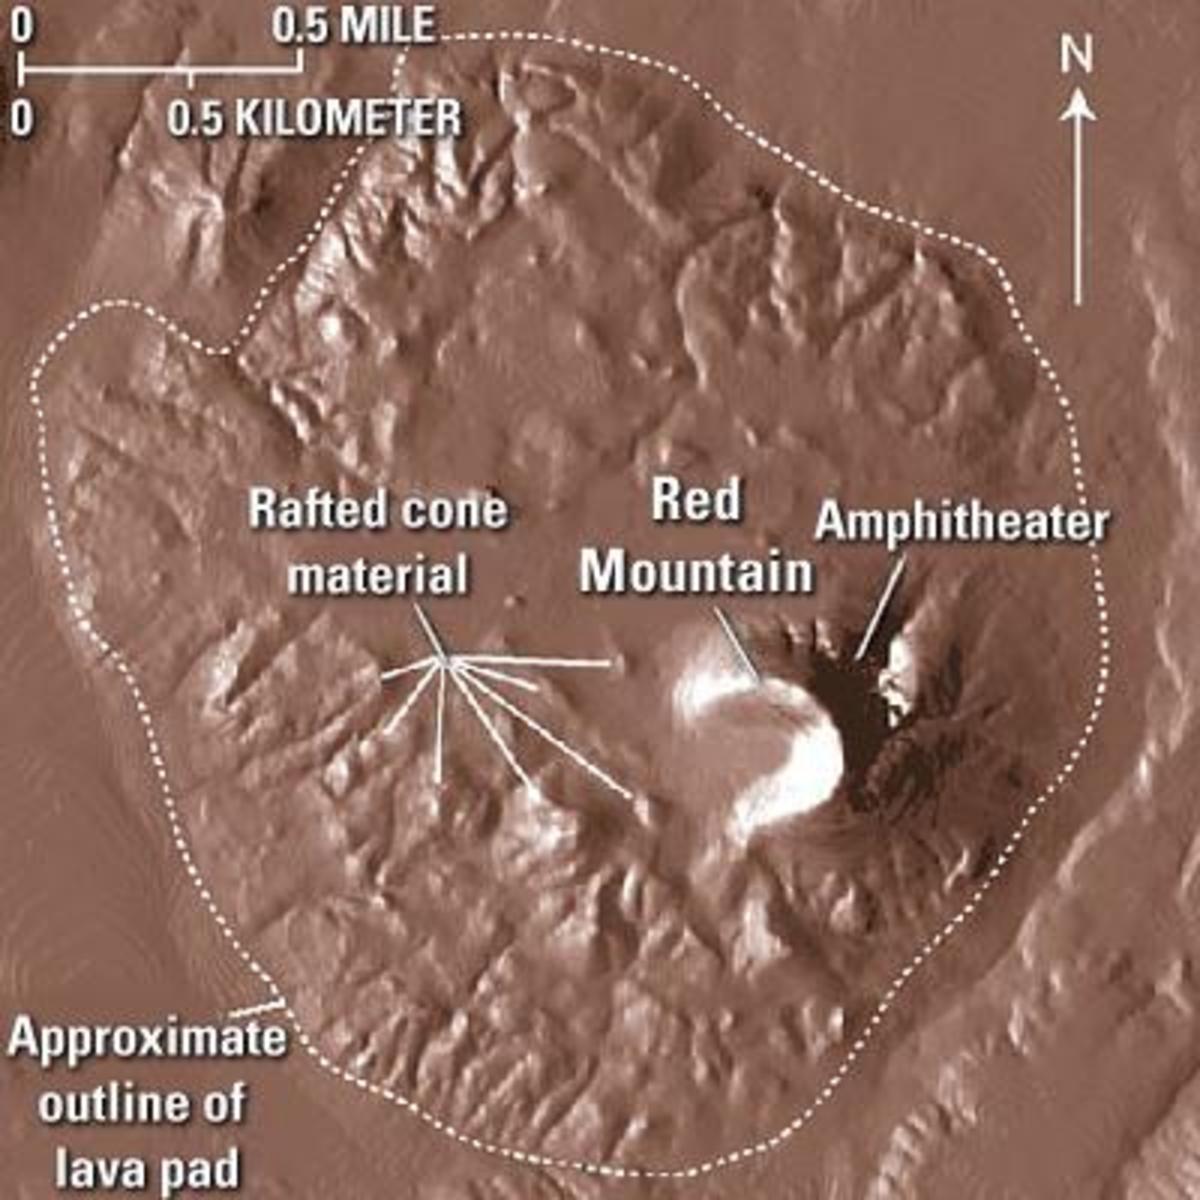 Red Mountain Digital Elevation Model (DEM)